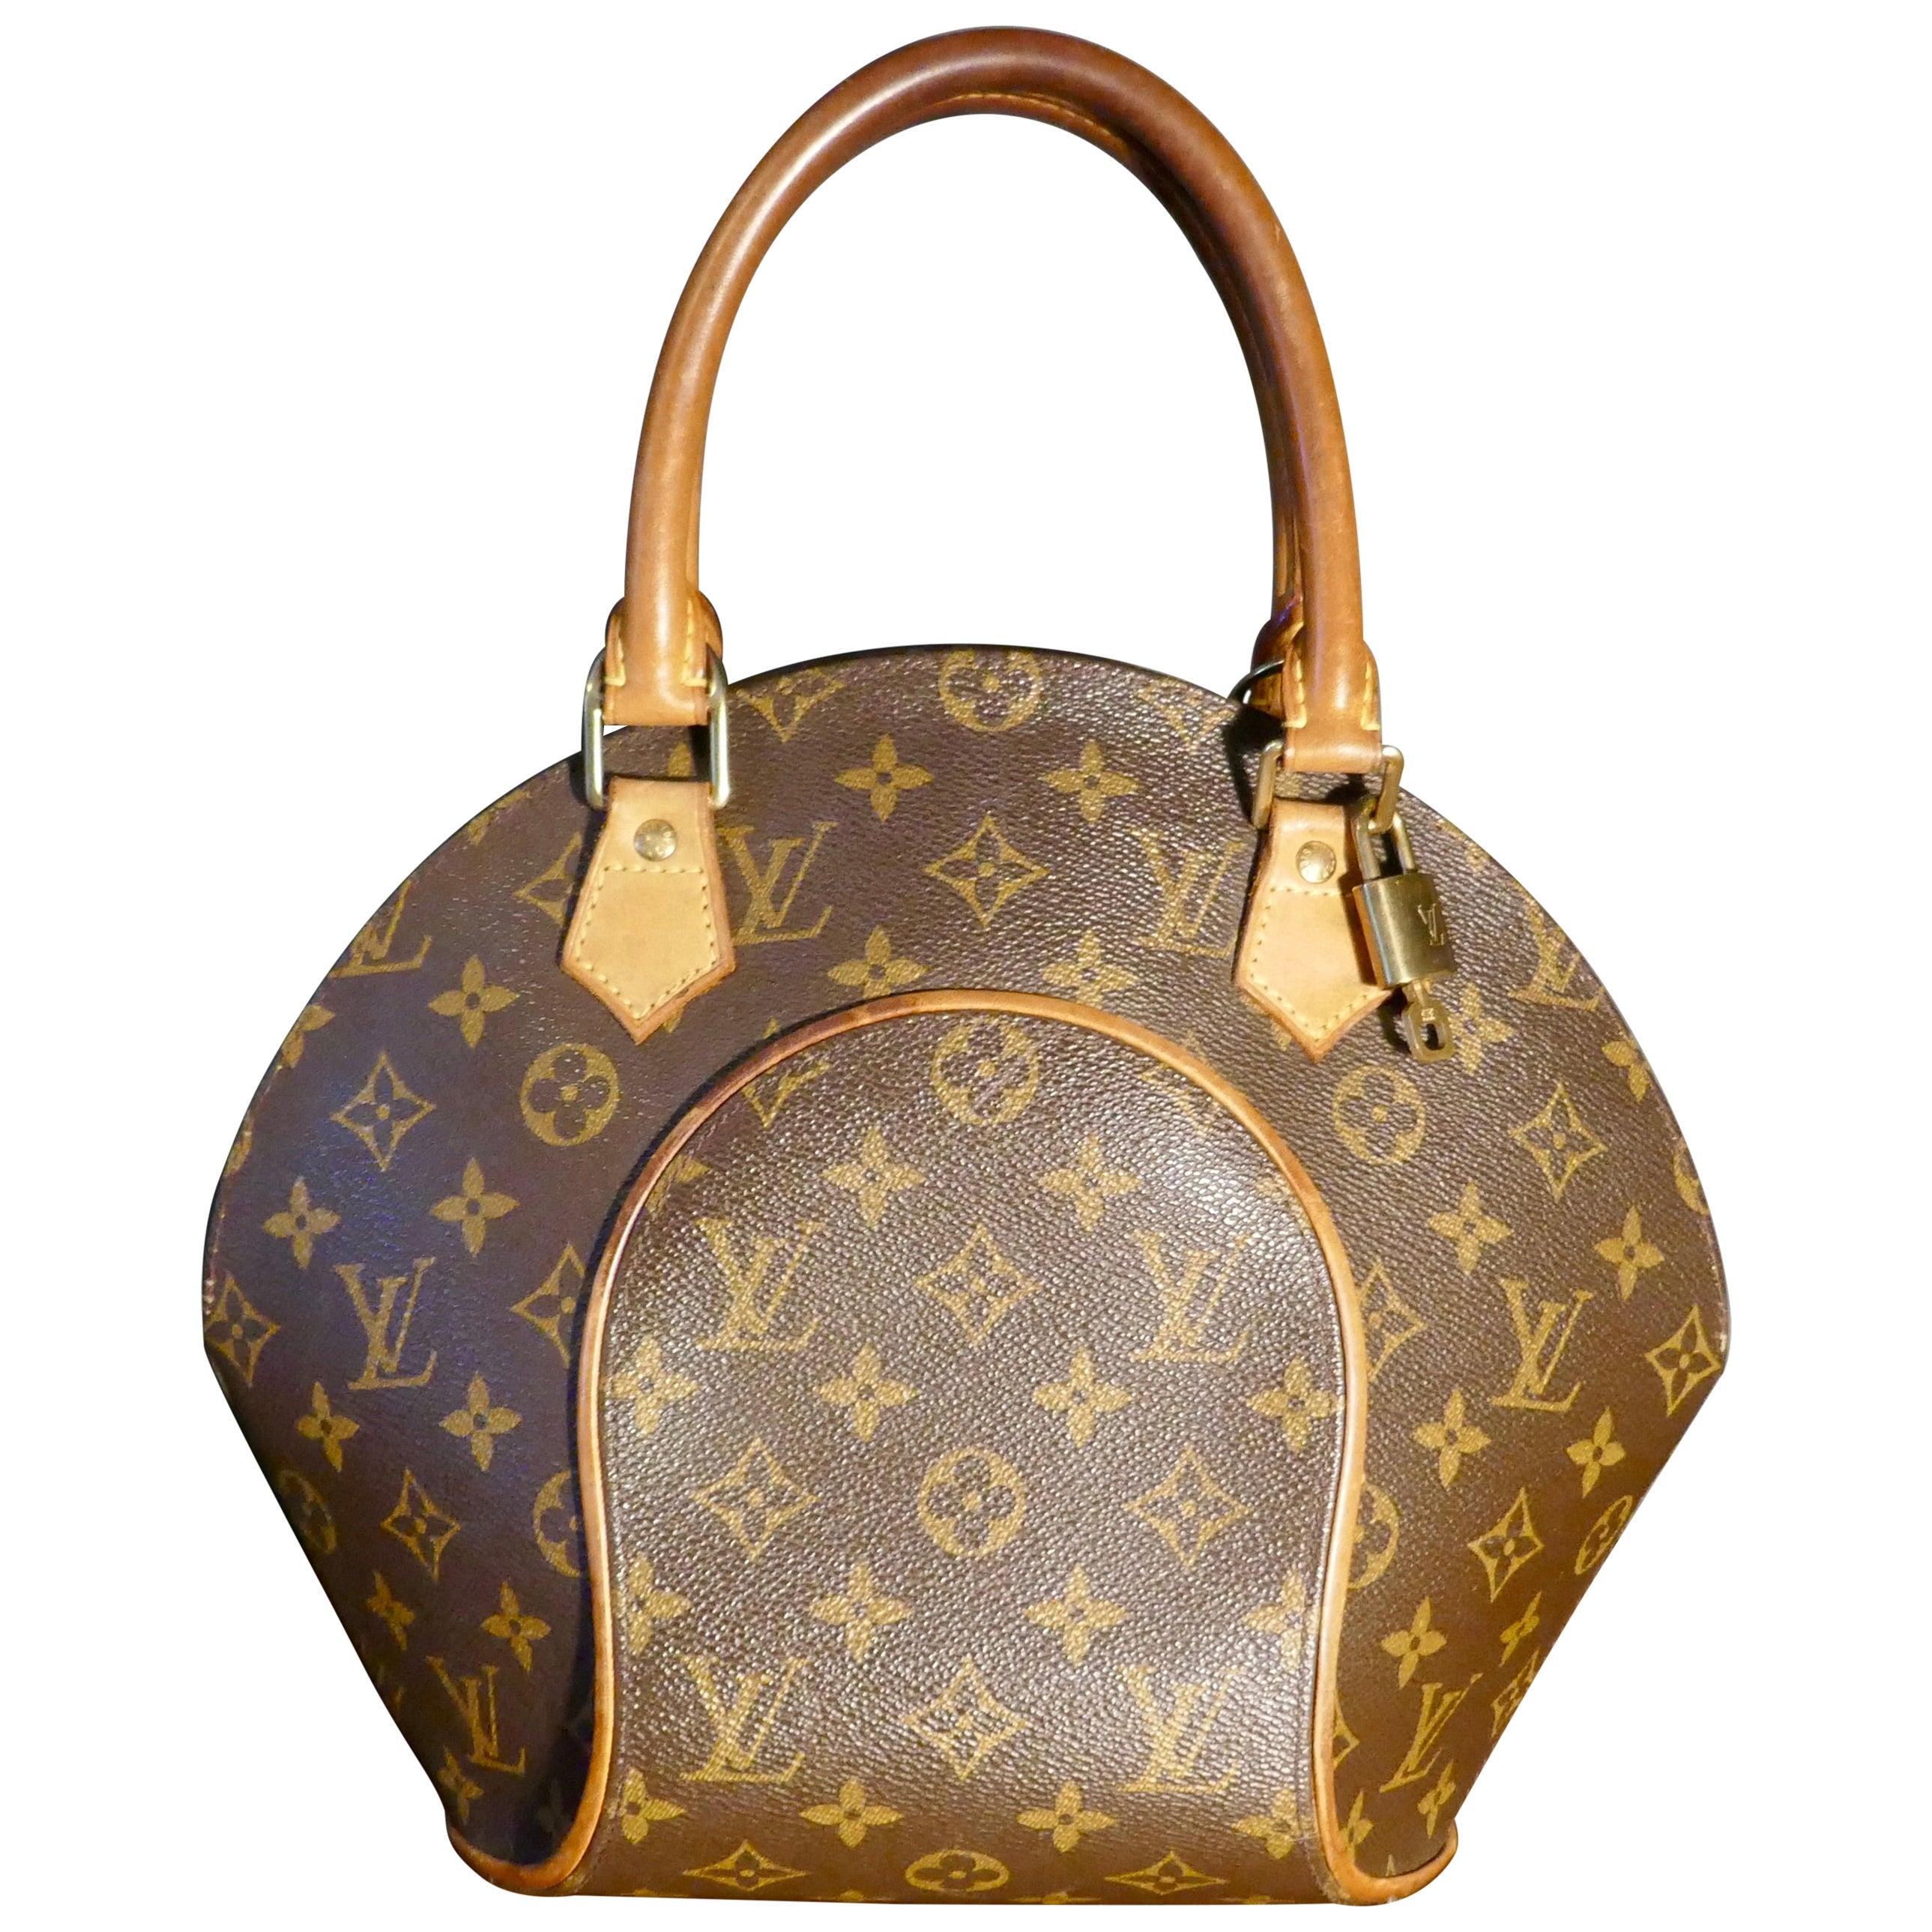 Vintage 1990s Louis Vuitton Ellispe MM Hand Bag